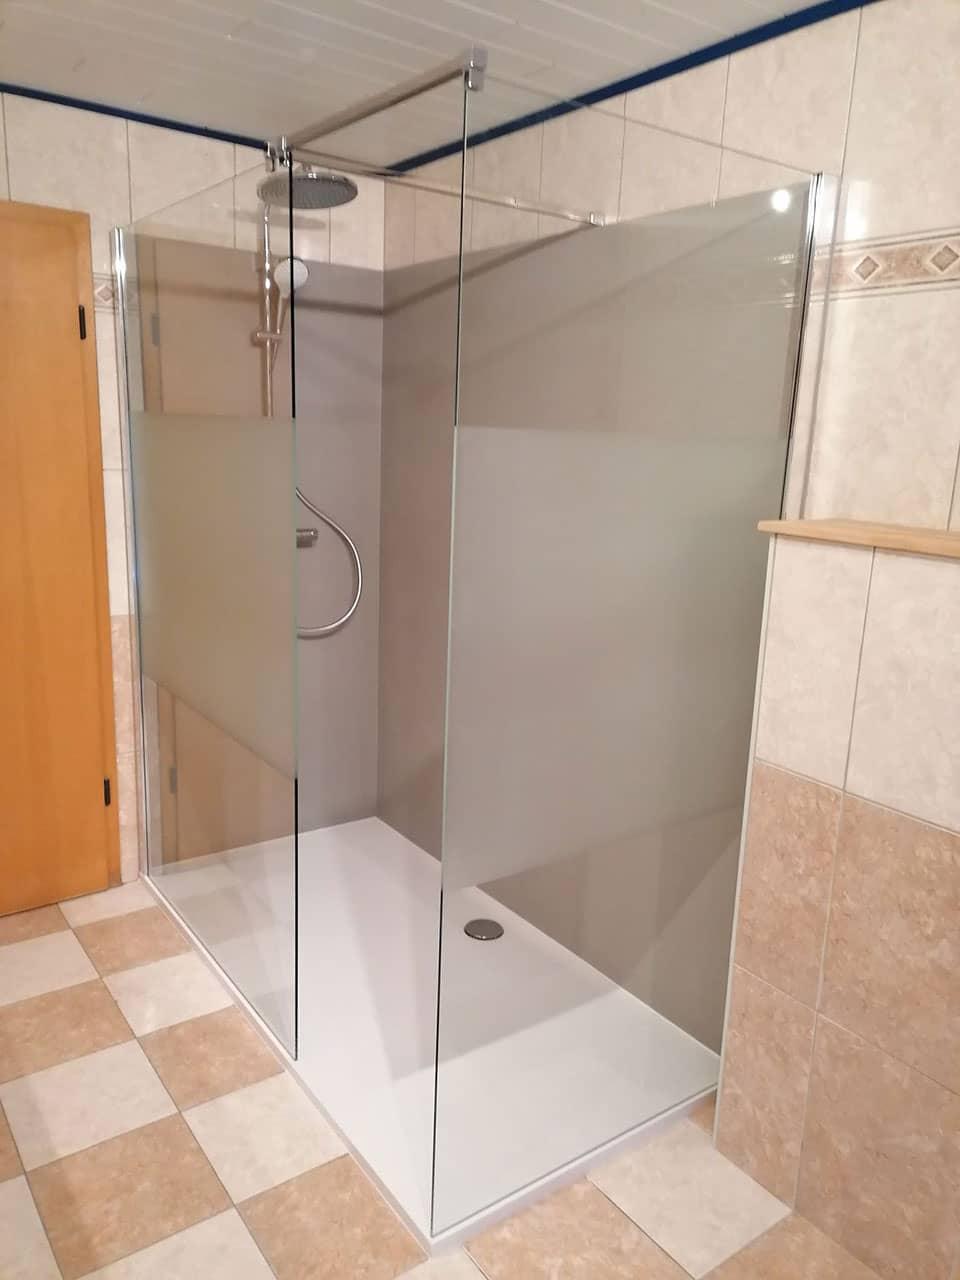 Transformation d'une baignoire en douche